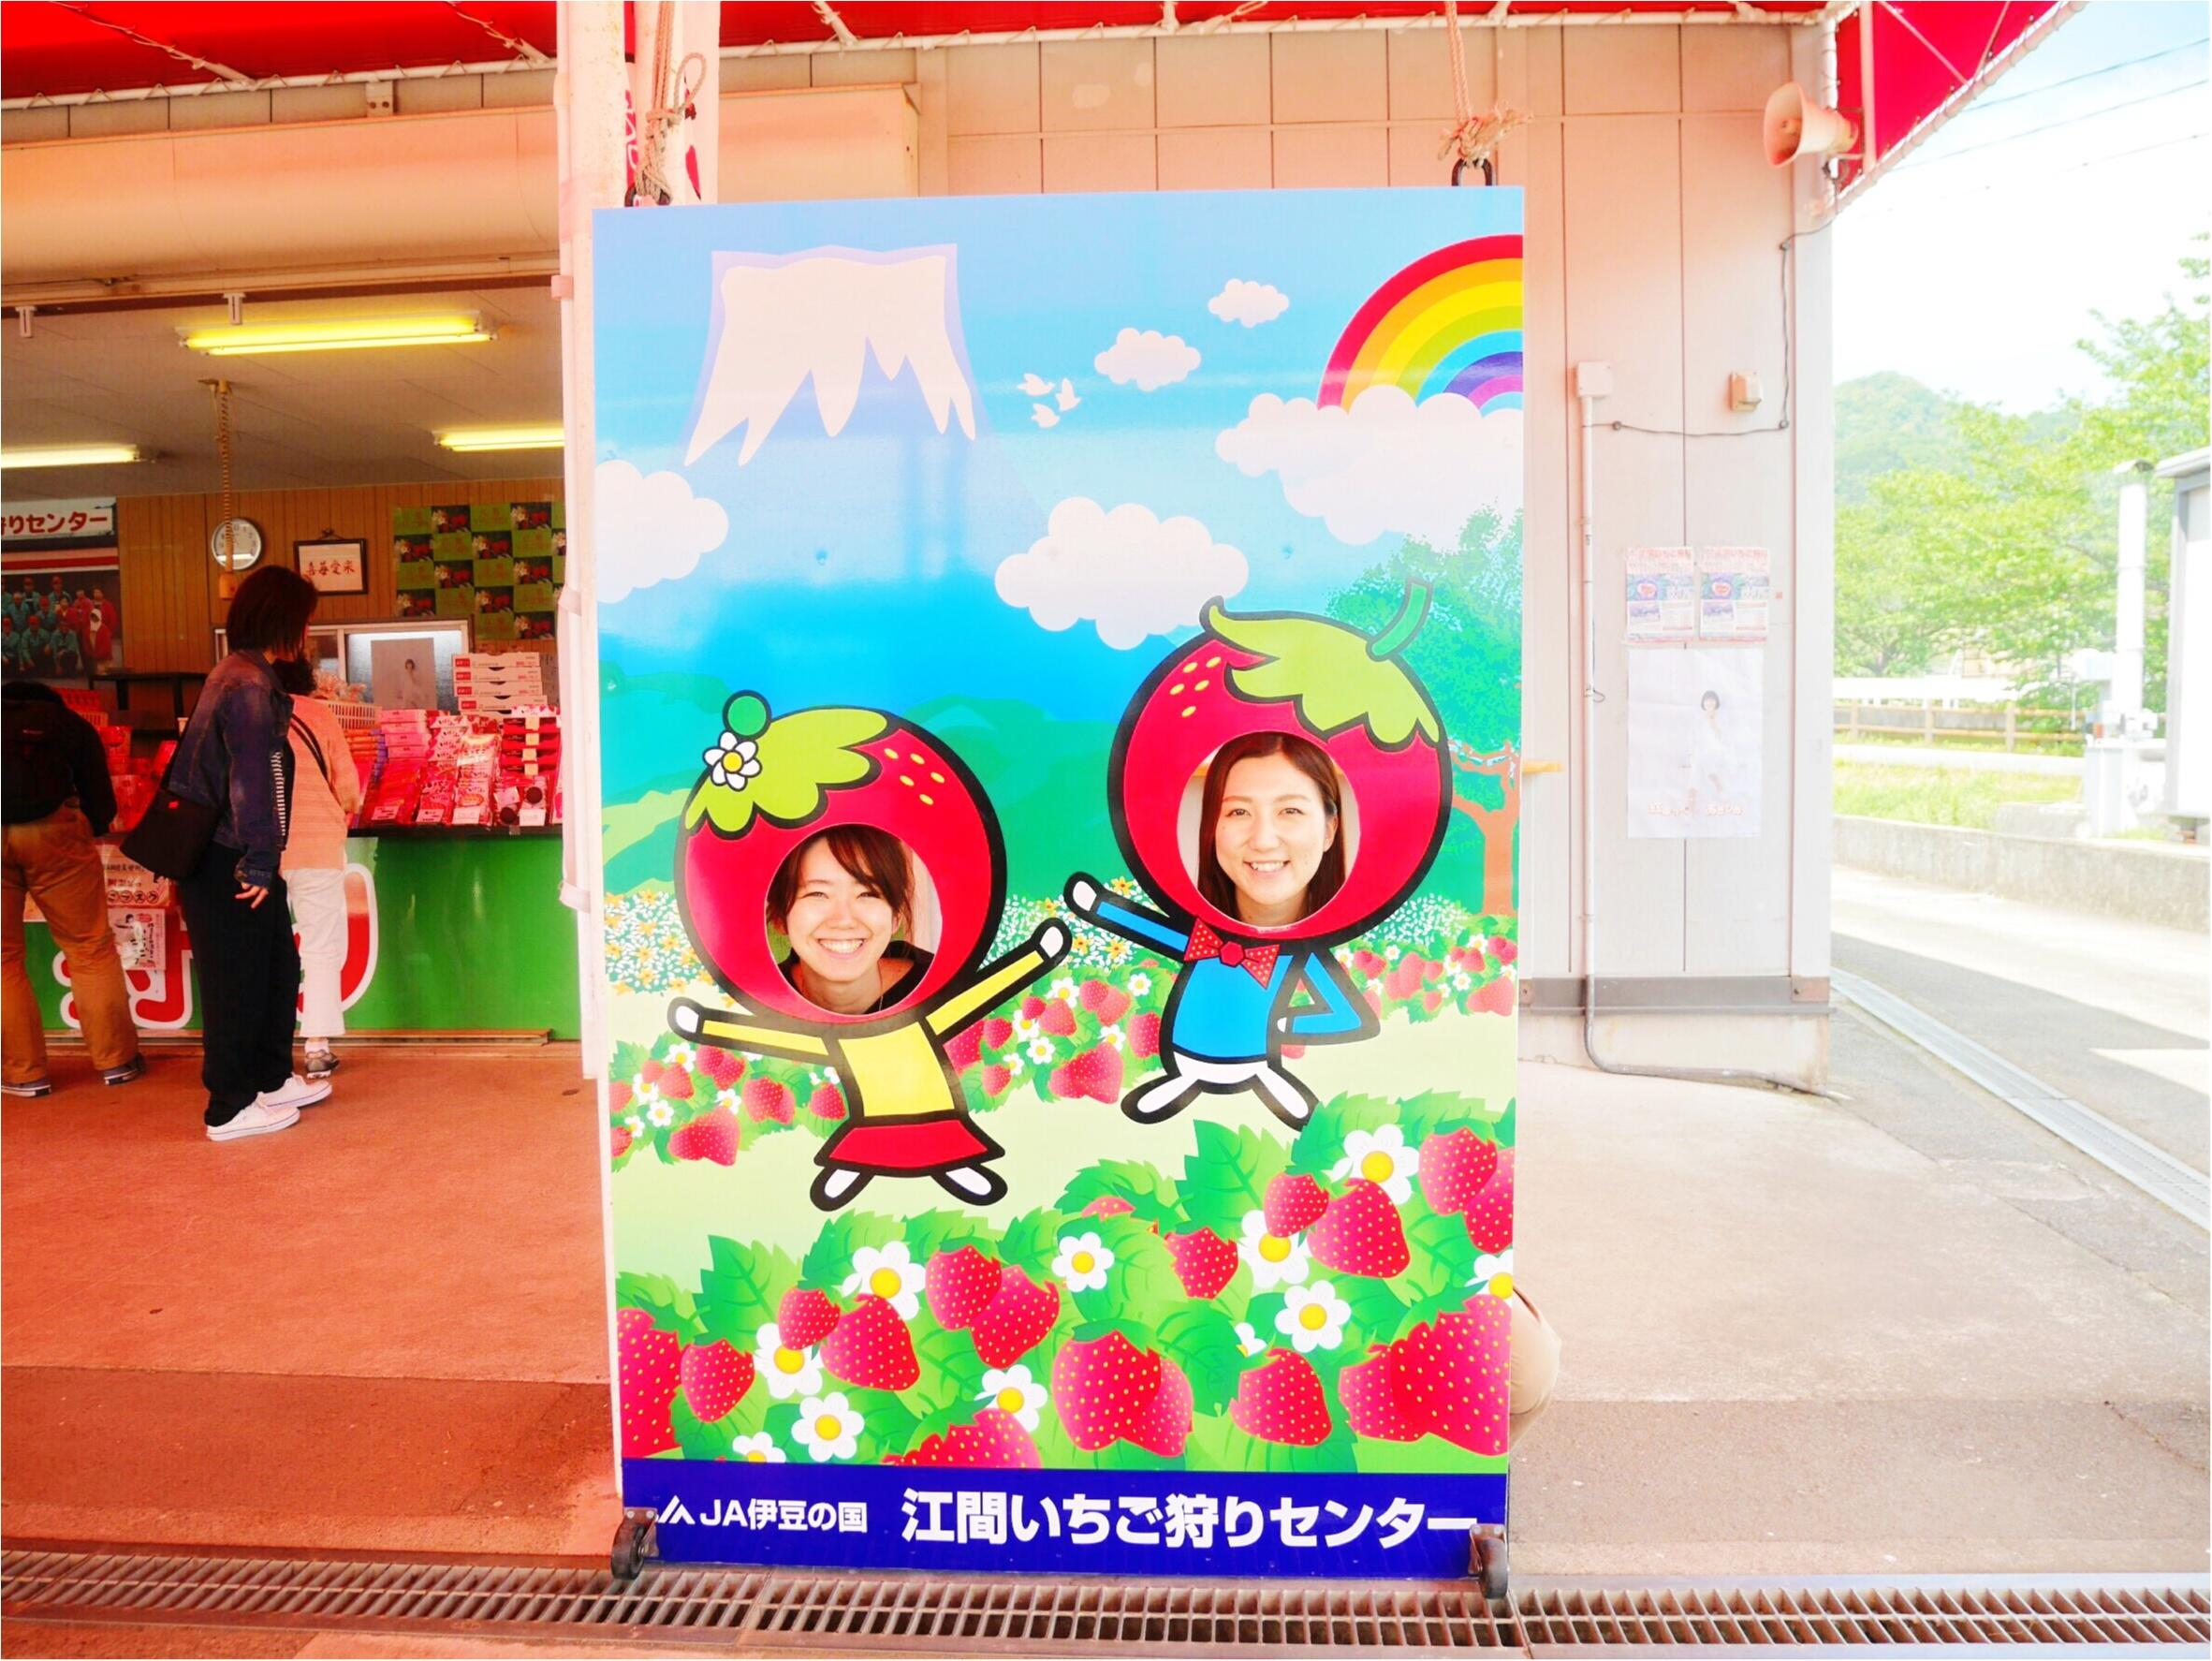 モアハピ1989の会で静岡バスツアー行ってきました♡_2